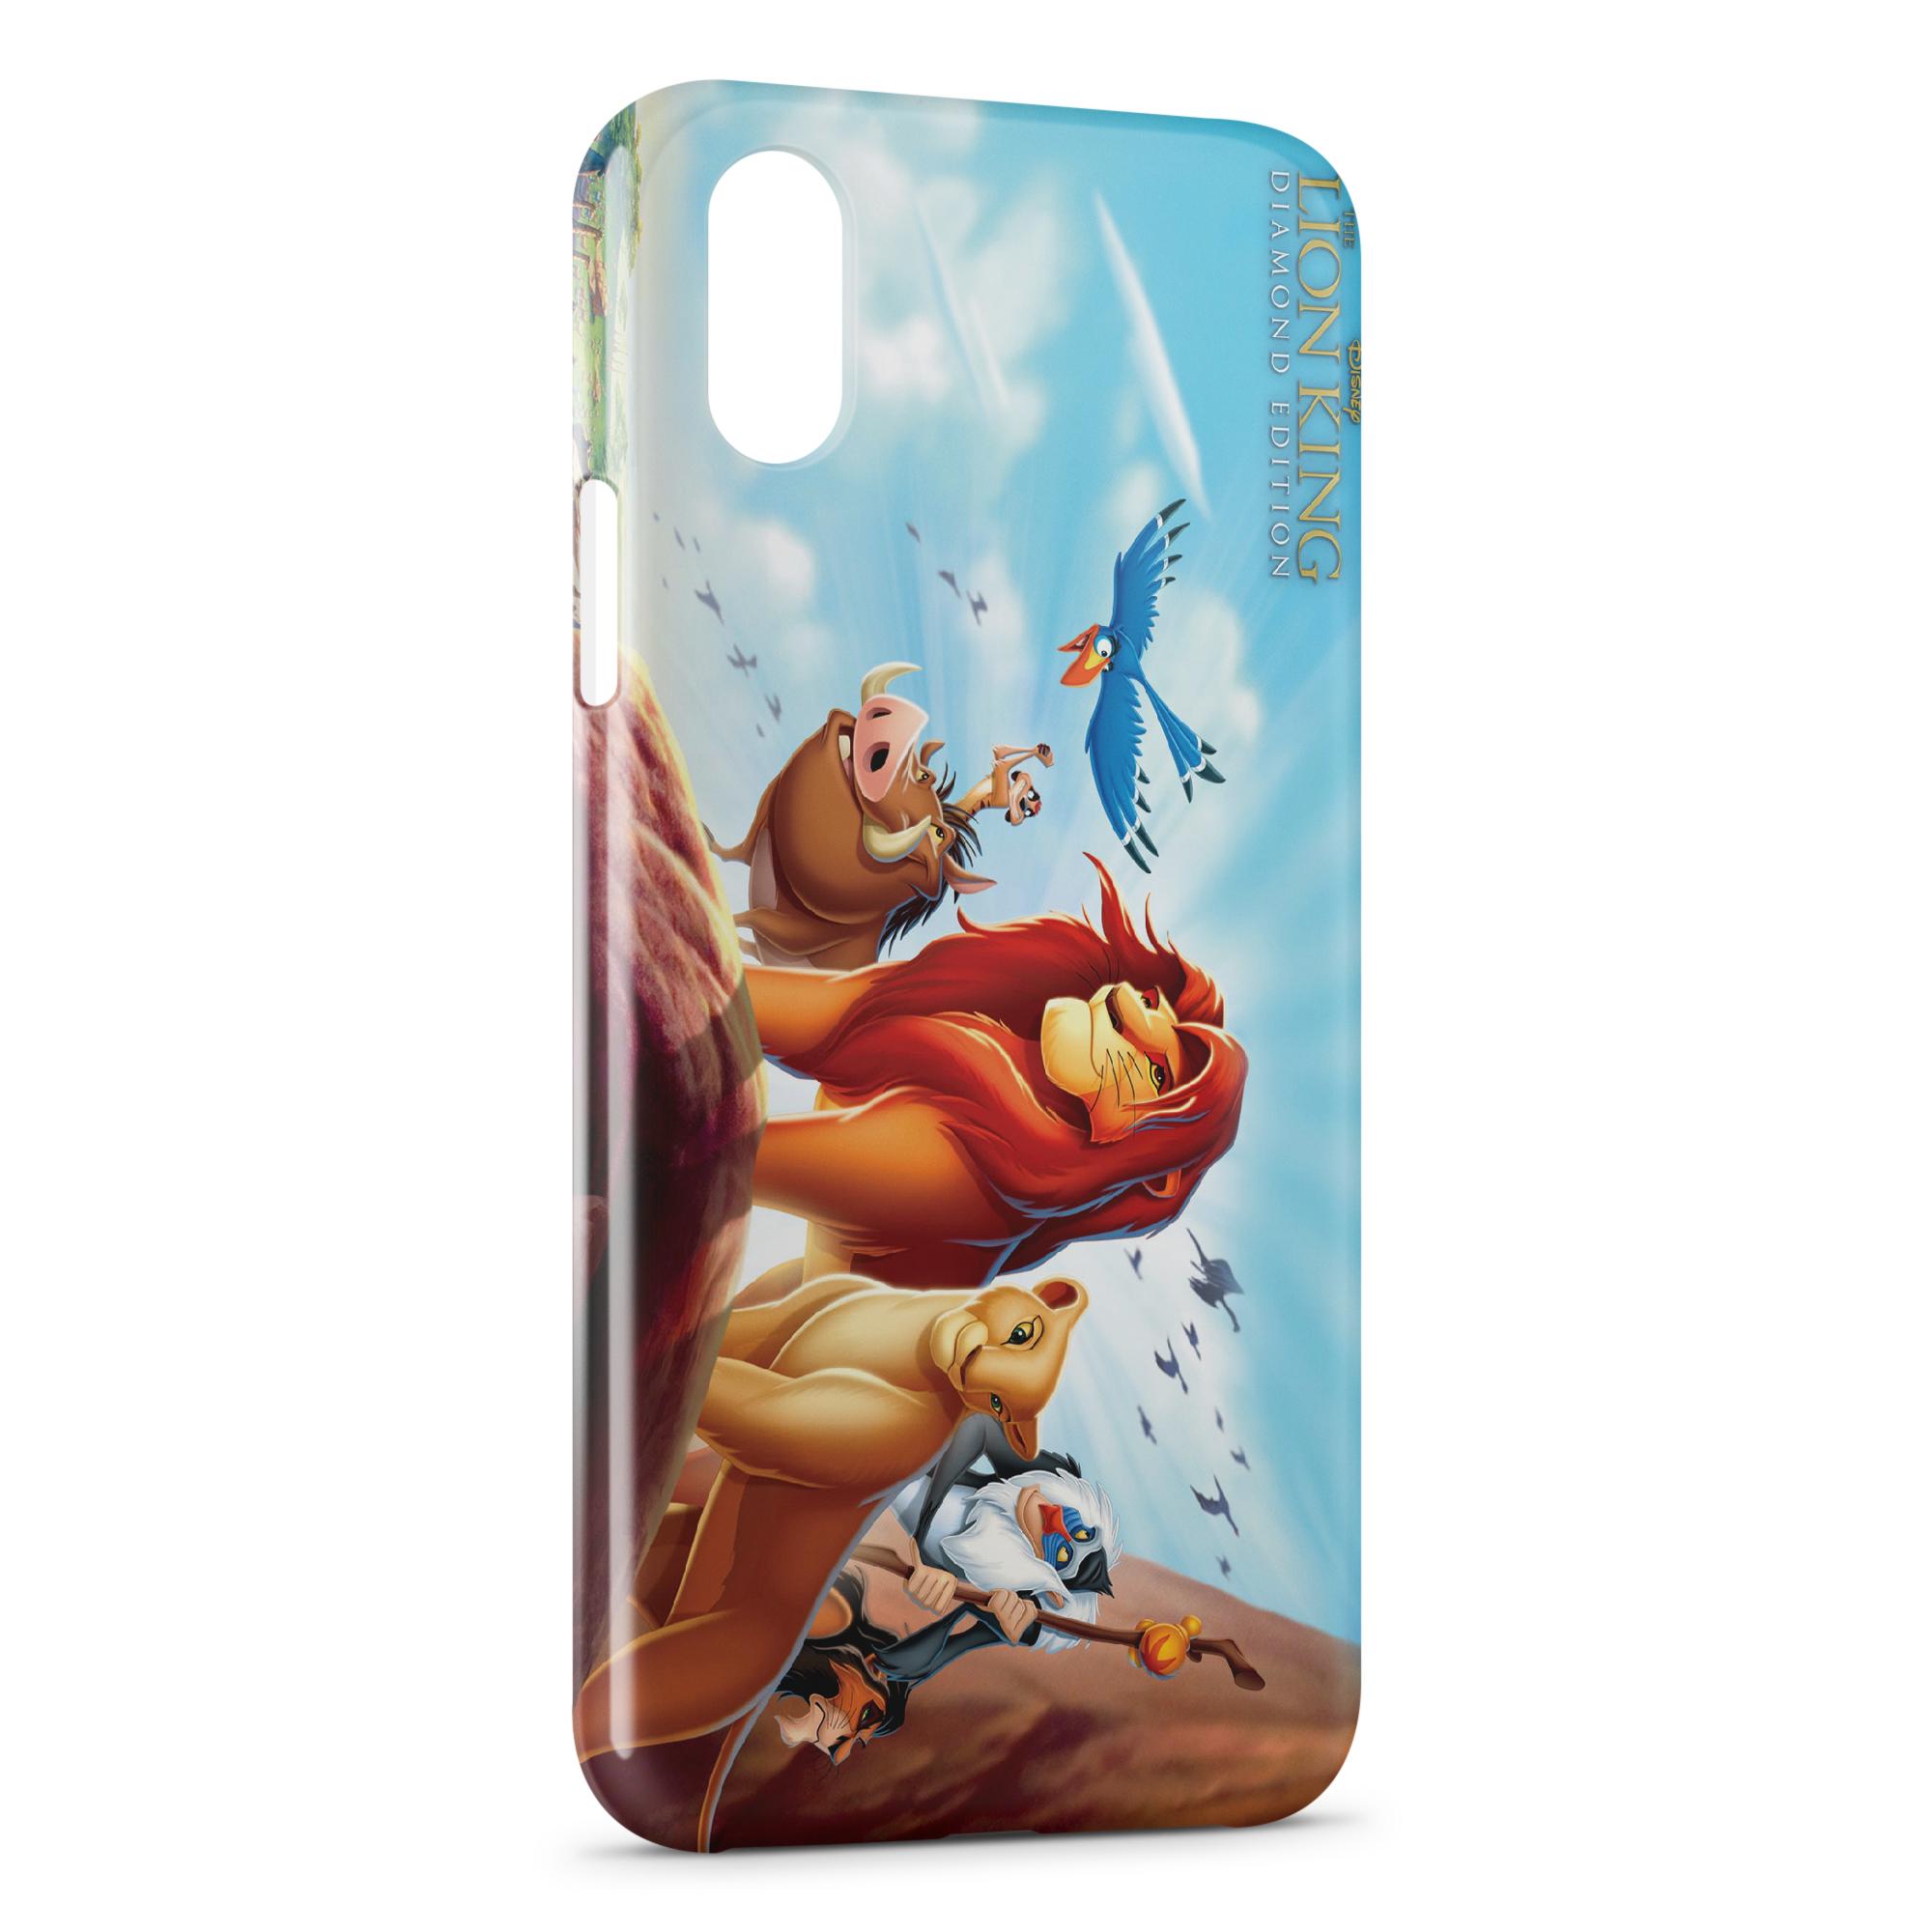 coque iphone xr transparente le roi lion